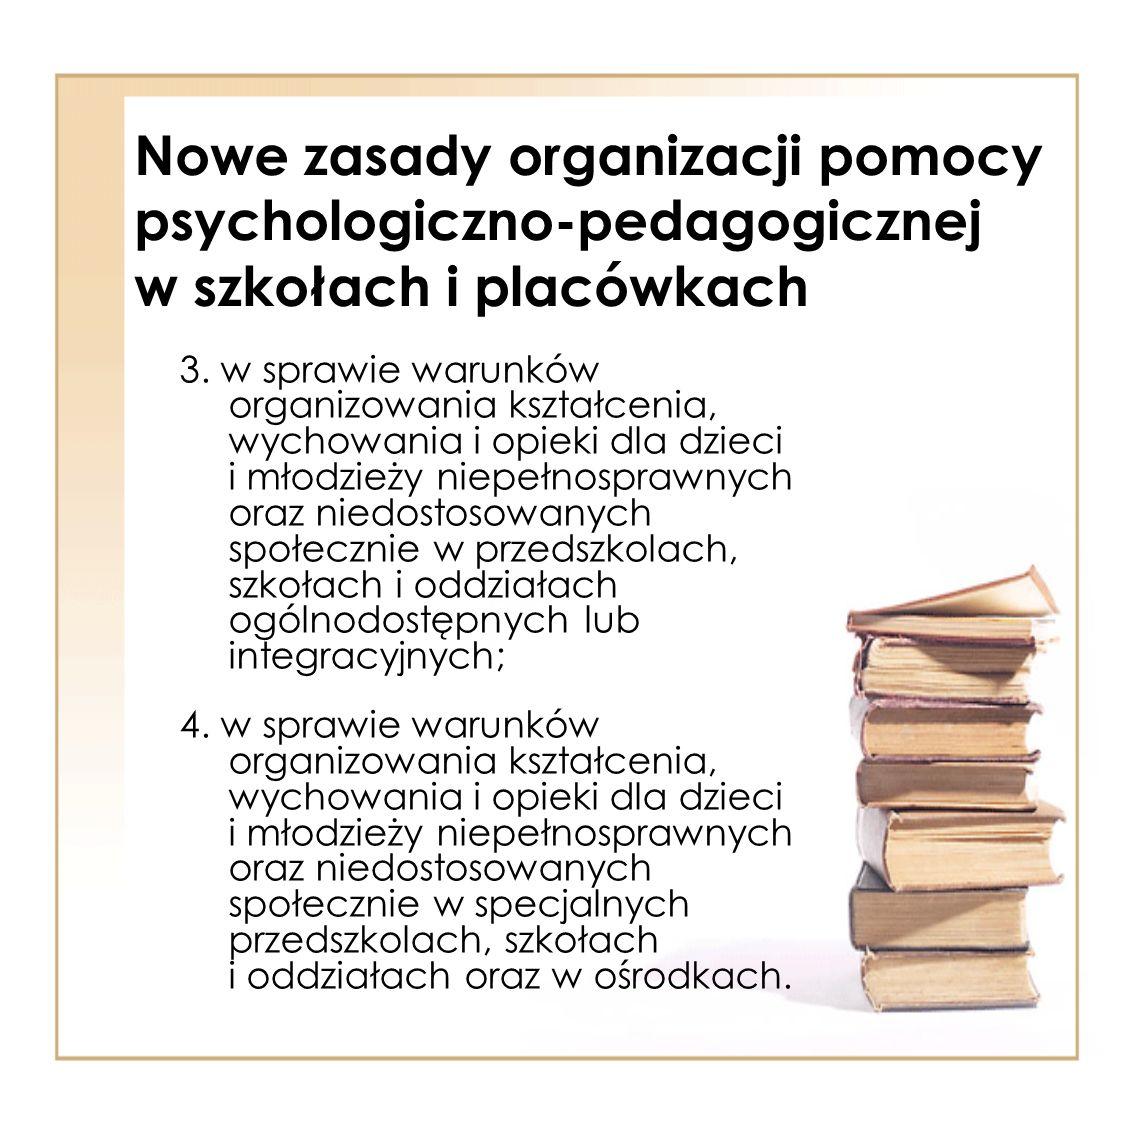 Karta Indywidualnych Potrzeb Ucznia 1)imię (imiona) i nazwisko ucznia; 2)nazwę przedszkola lub szkoły oraz oznaczenie grupy lub oddziału, do którego uczeń uczęszcza; 3)informację dotyczącą: orzeczenia / opinii poradni psychologiczno-pedagogicznej, z podaniem numeru i daty wydania orzeczenia lub opinii, potrzeby objęcia ucznia pomocą psychologiczno- pedagogiczną stwierdzonej w wyniku przeprowadzonych działań pedagogicznych,